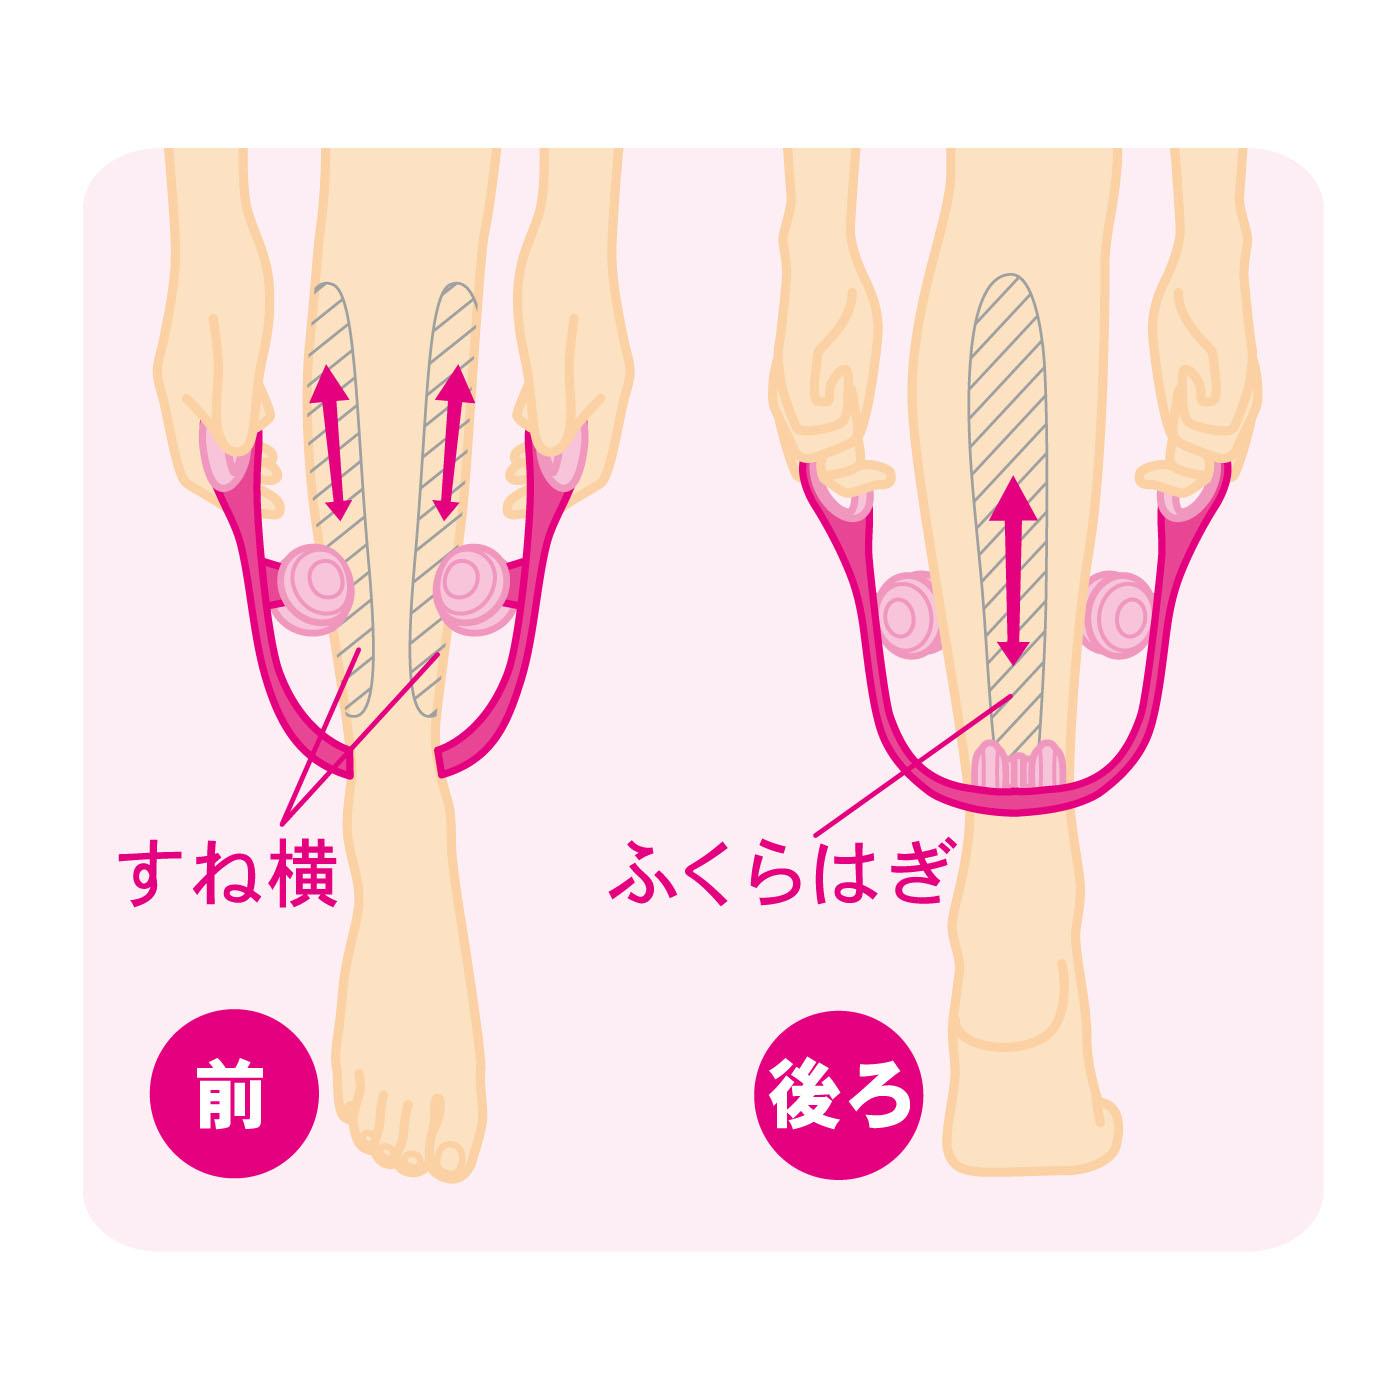 使い方は簡単!ローラー部分を脚に添わせて足首からふくらはぎにかけて上下にローリングしてください。